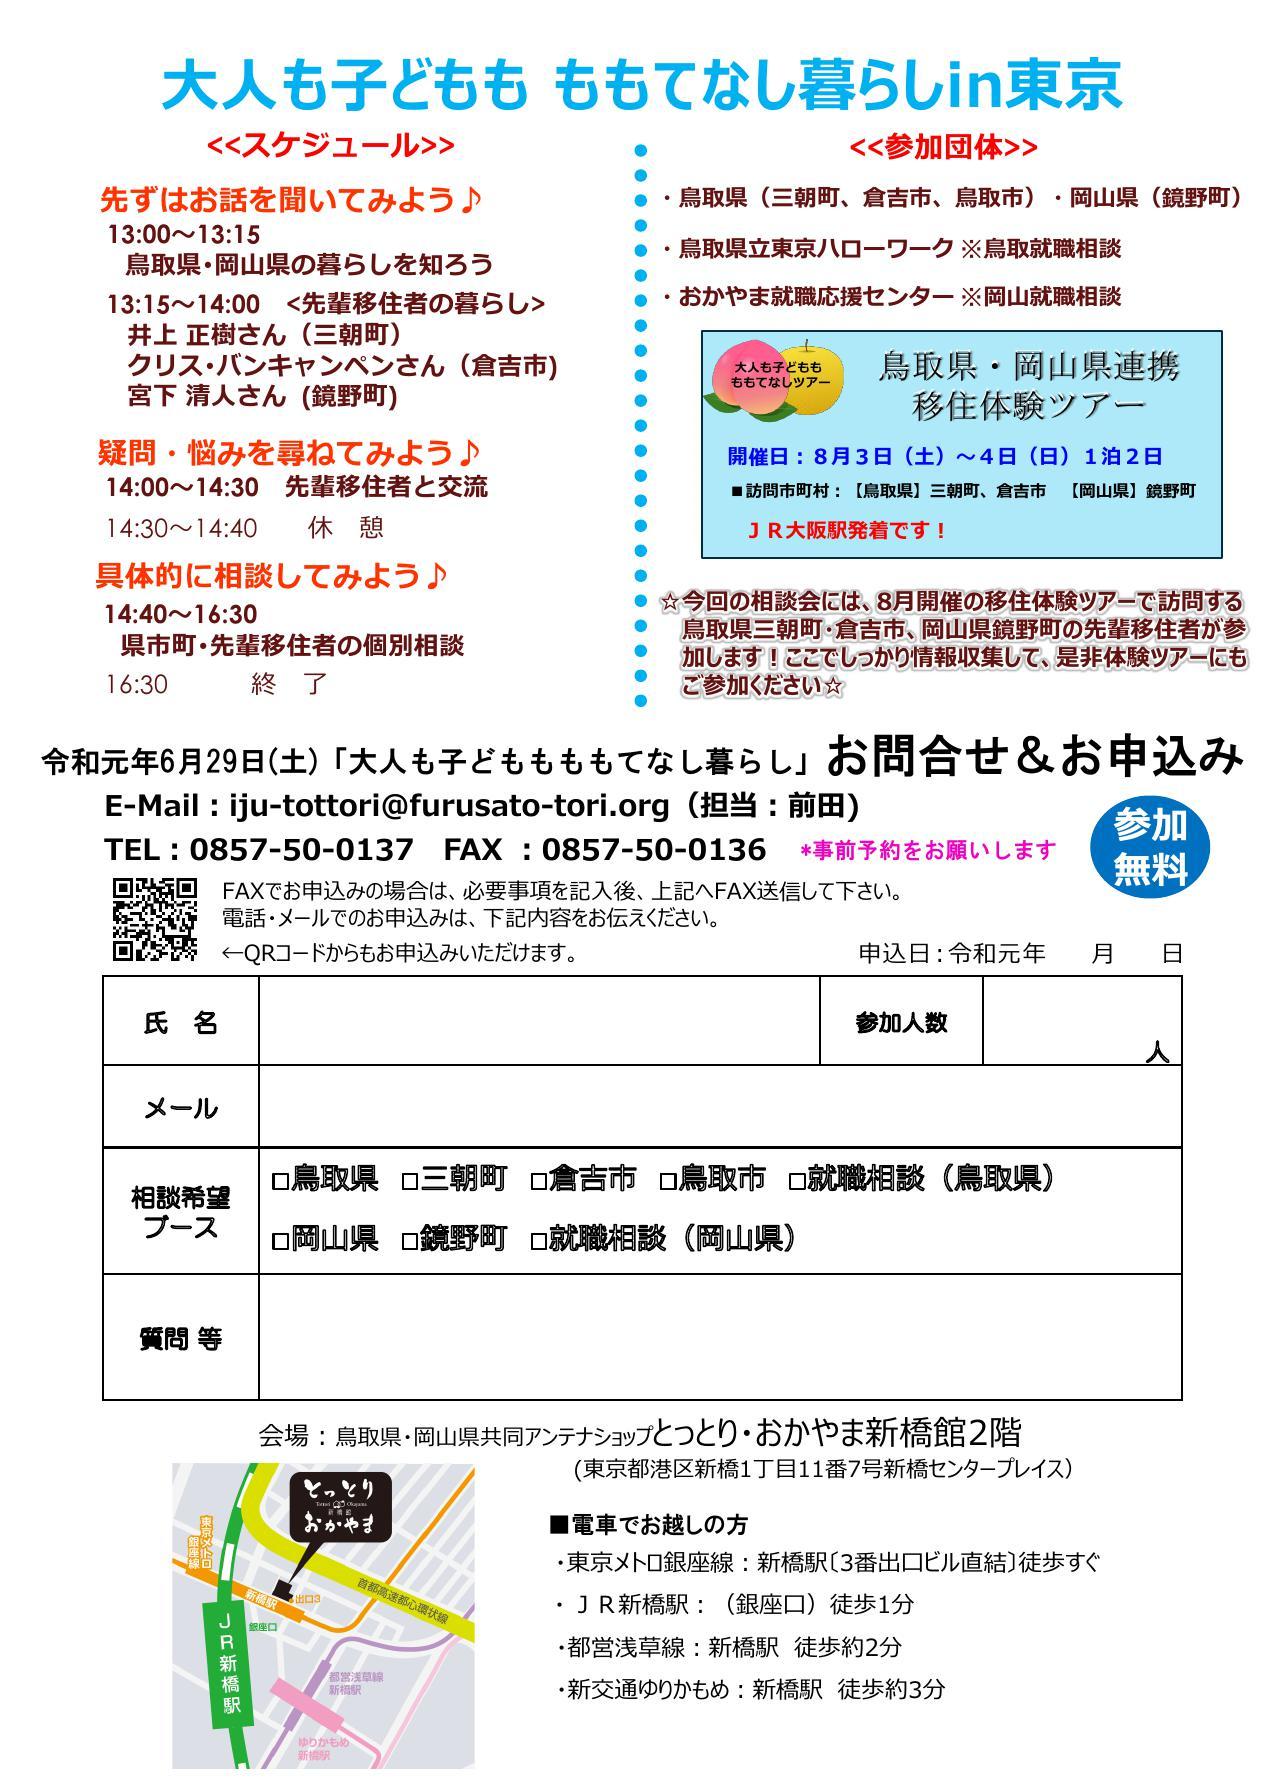 【チラシ】6.29鳥取・岡山連携移住相談会 ※鳥取市記載_000002